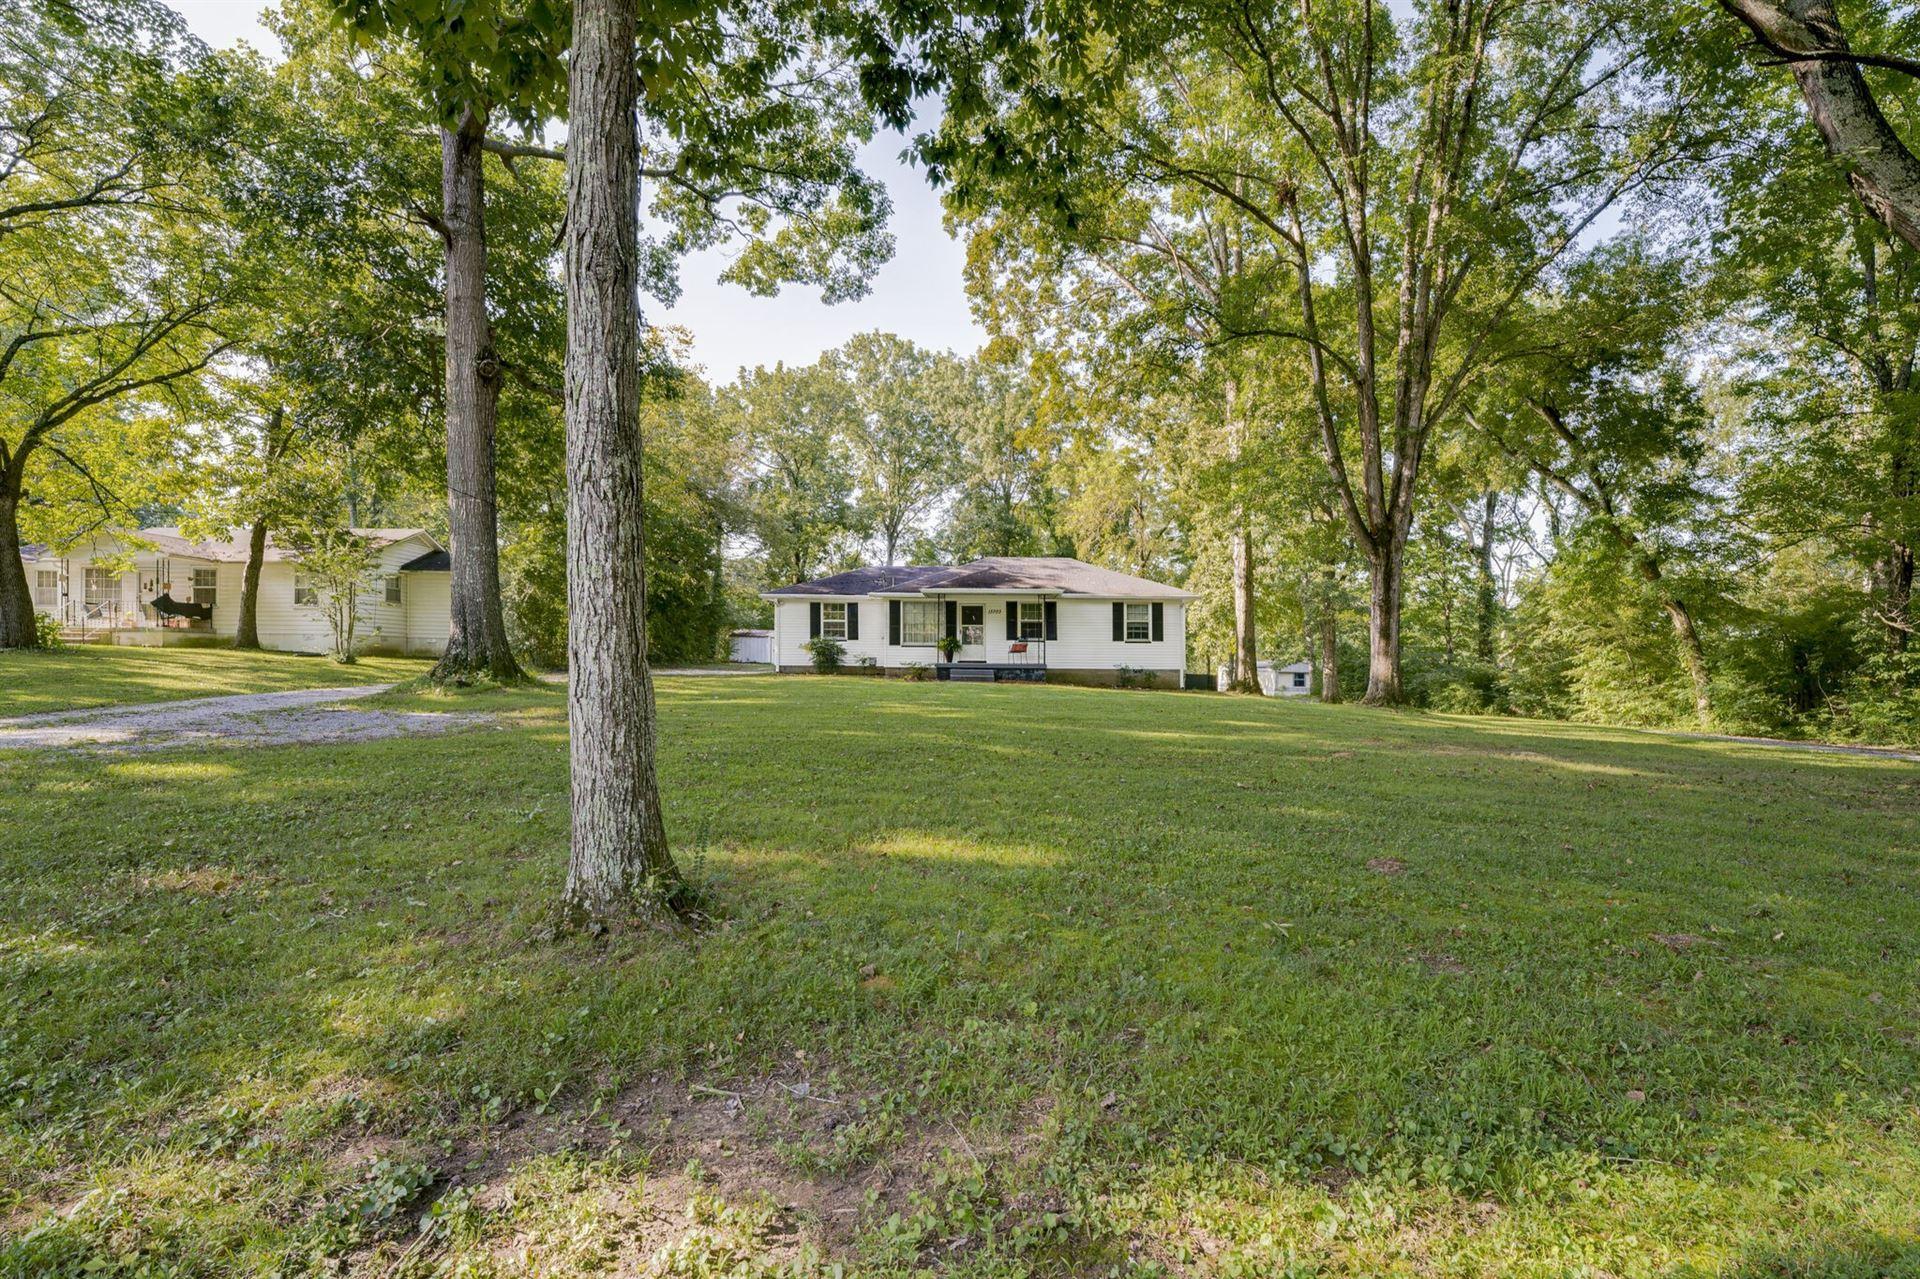 13701 Old Hickory Blvd, Antioch, TN 37013 - MLS#: 2288159